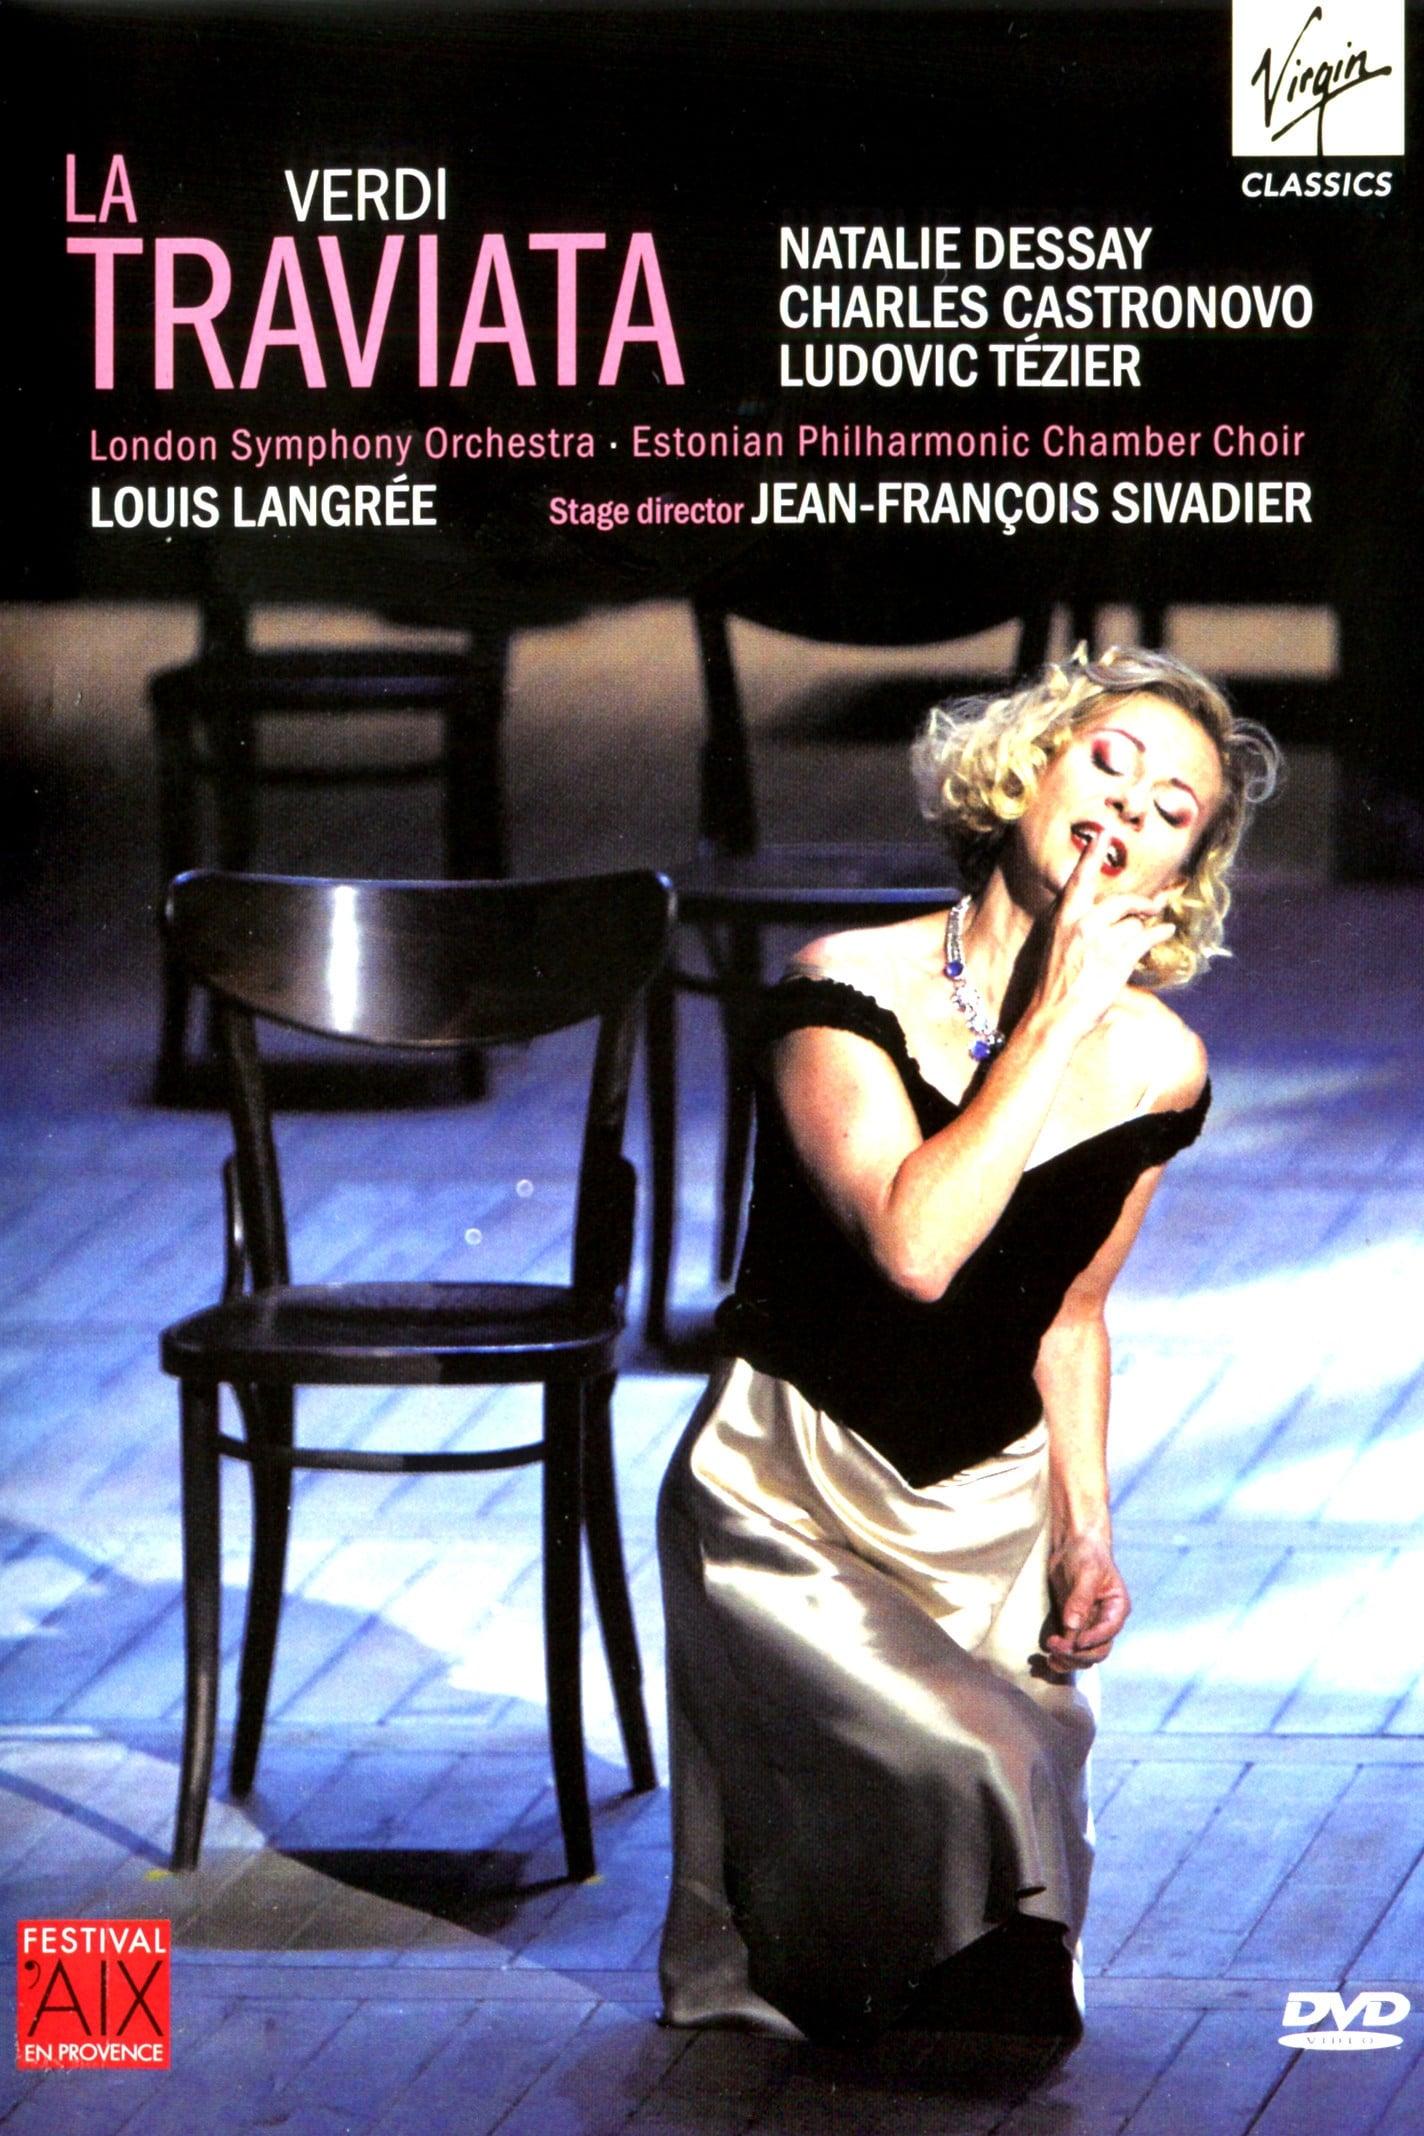 La Traviata - Festival d'Aix-en-Provence